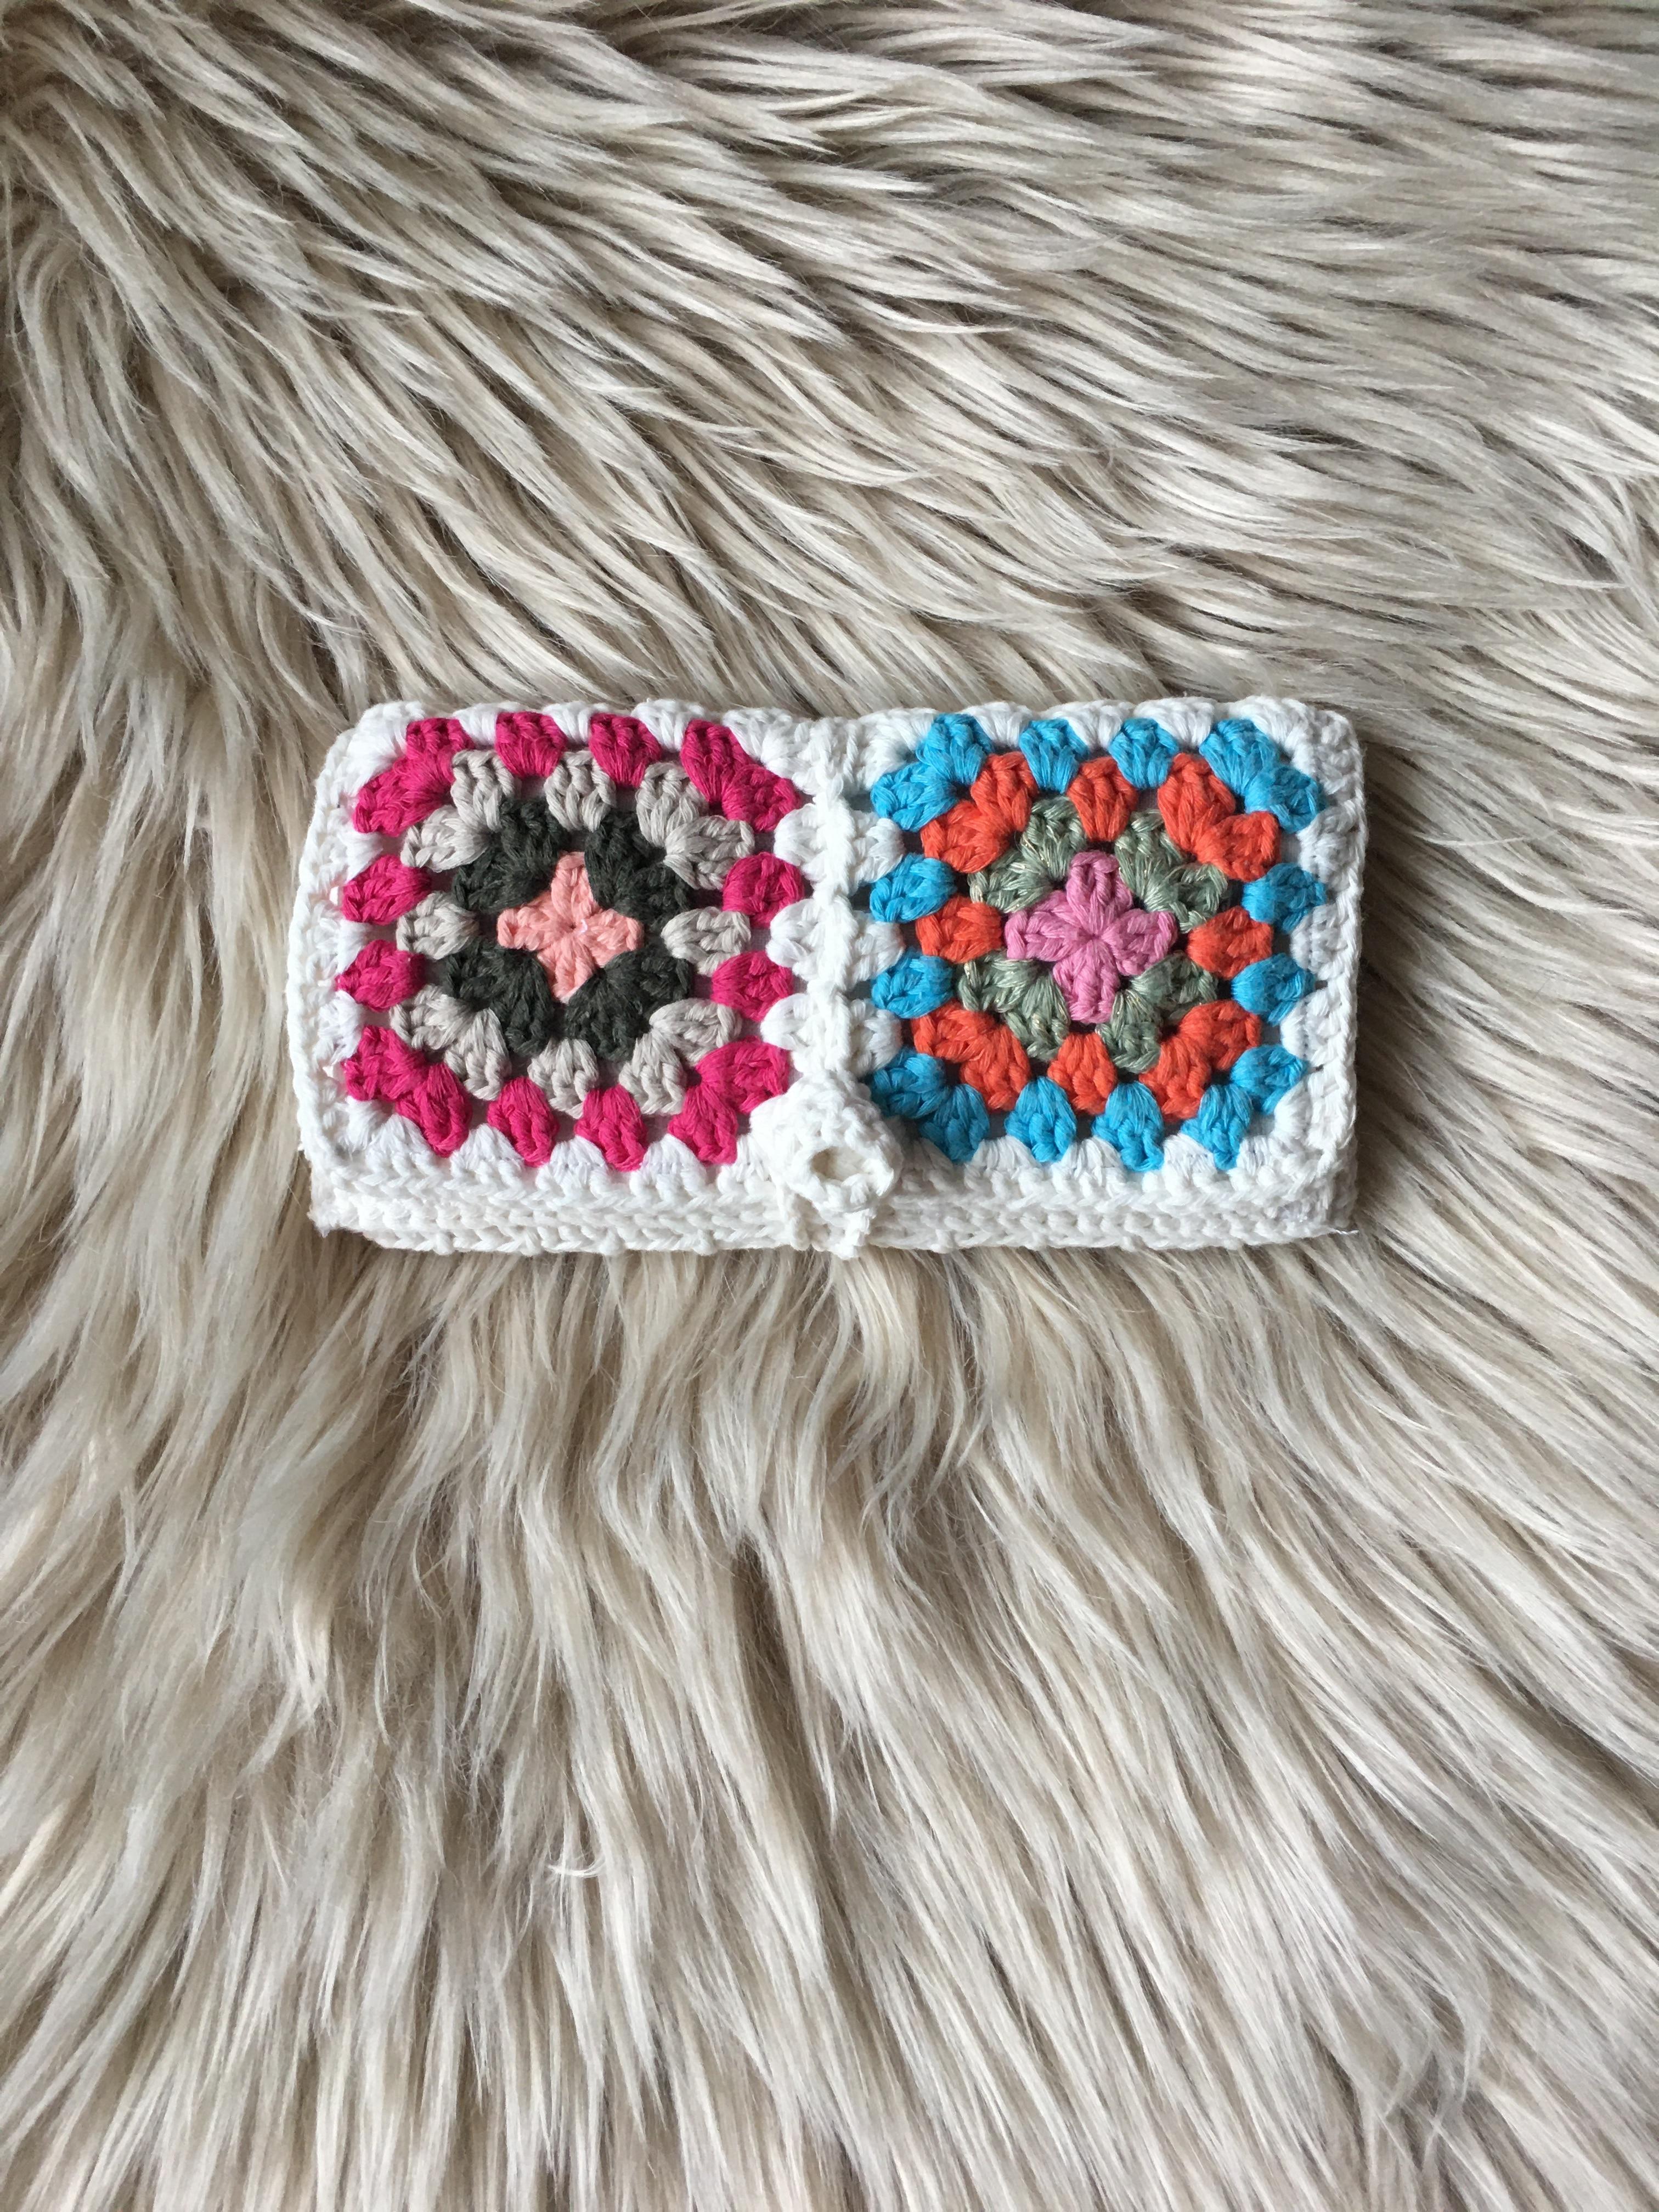 Mamie Suare sac Tabacco pochette Crochet sac lunettes conteneur maquillage sac portefeuille % 100 coton fait main